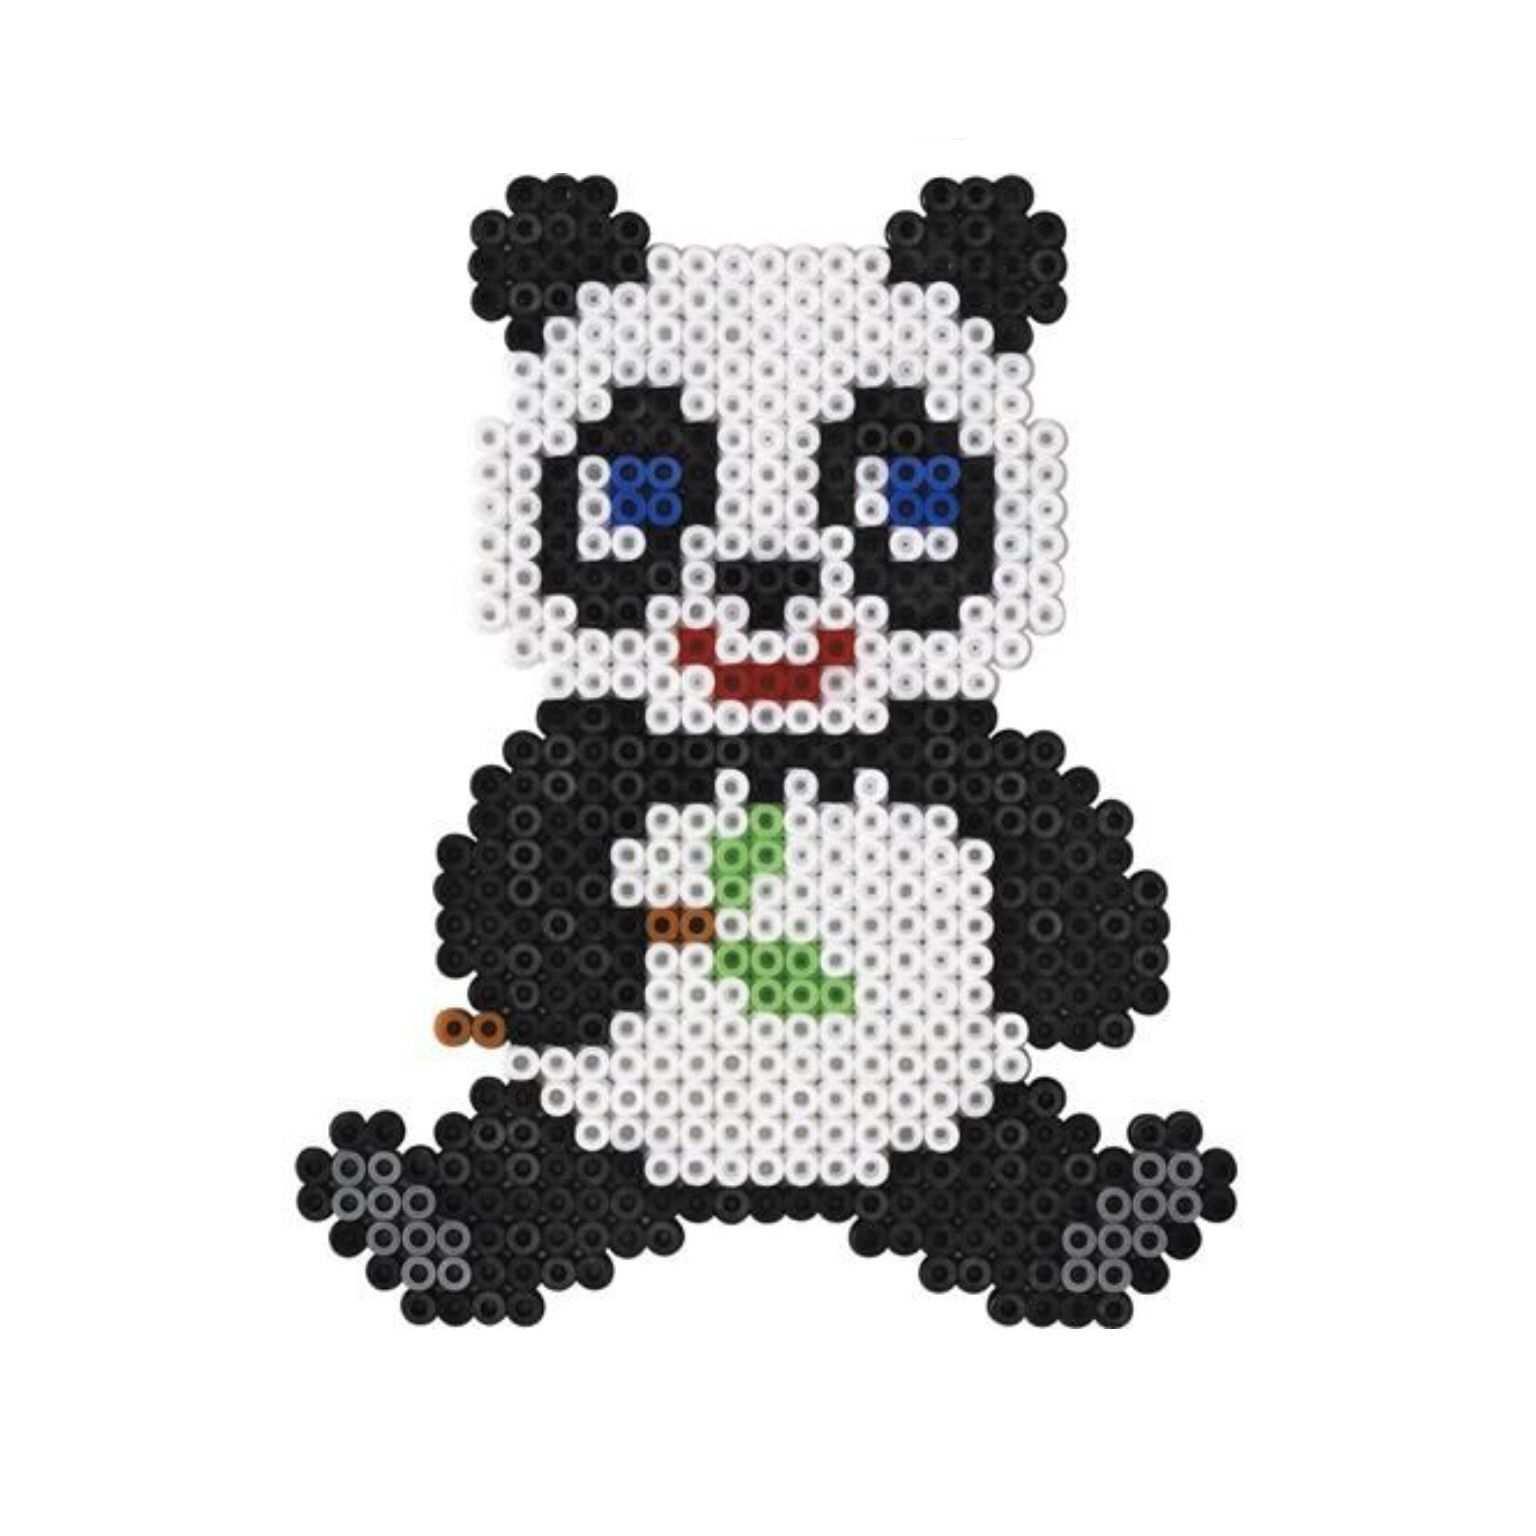 Panda Bugelperlen Bild Leicht Zu Machen Its Easy Subscribe Me On Youtube Emibeautx Bugelperlen Bugelperlen Vorlagen Bugelperlen Bilder